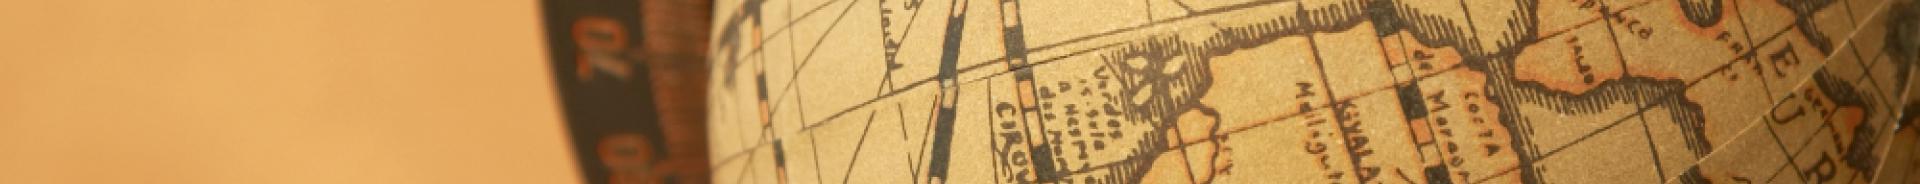 Immagine di un mappamondo